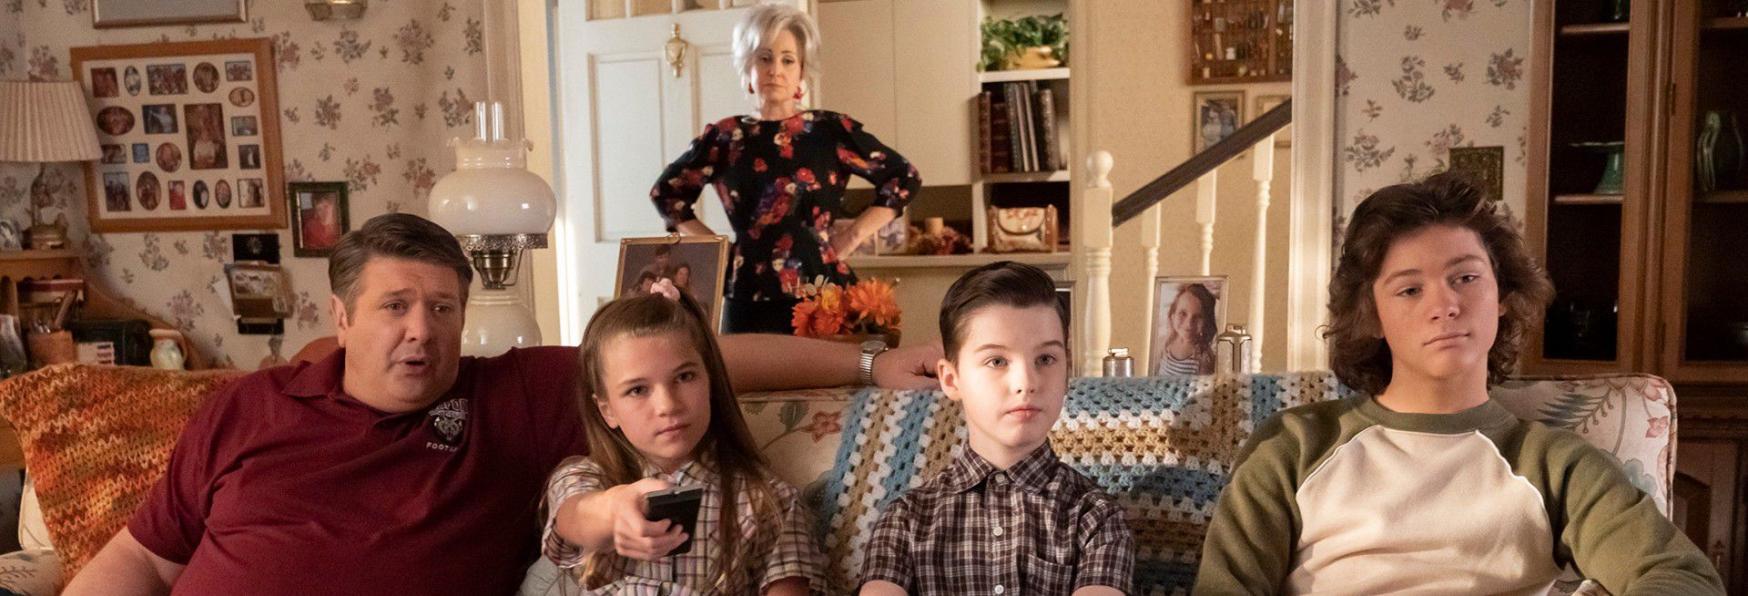 Young Sheldon: la Serie TV Spin-off svela il nome del Figlio di Sheldon e Amy